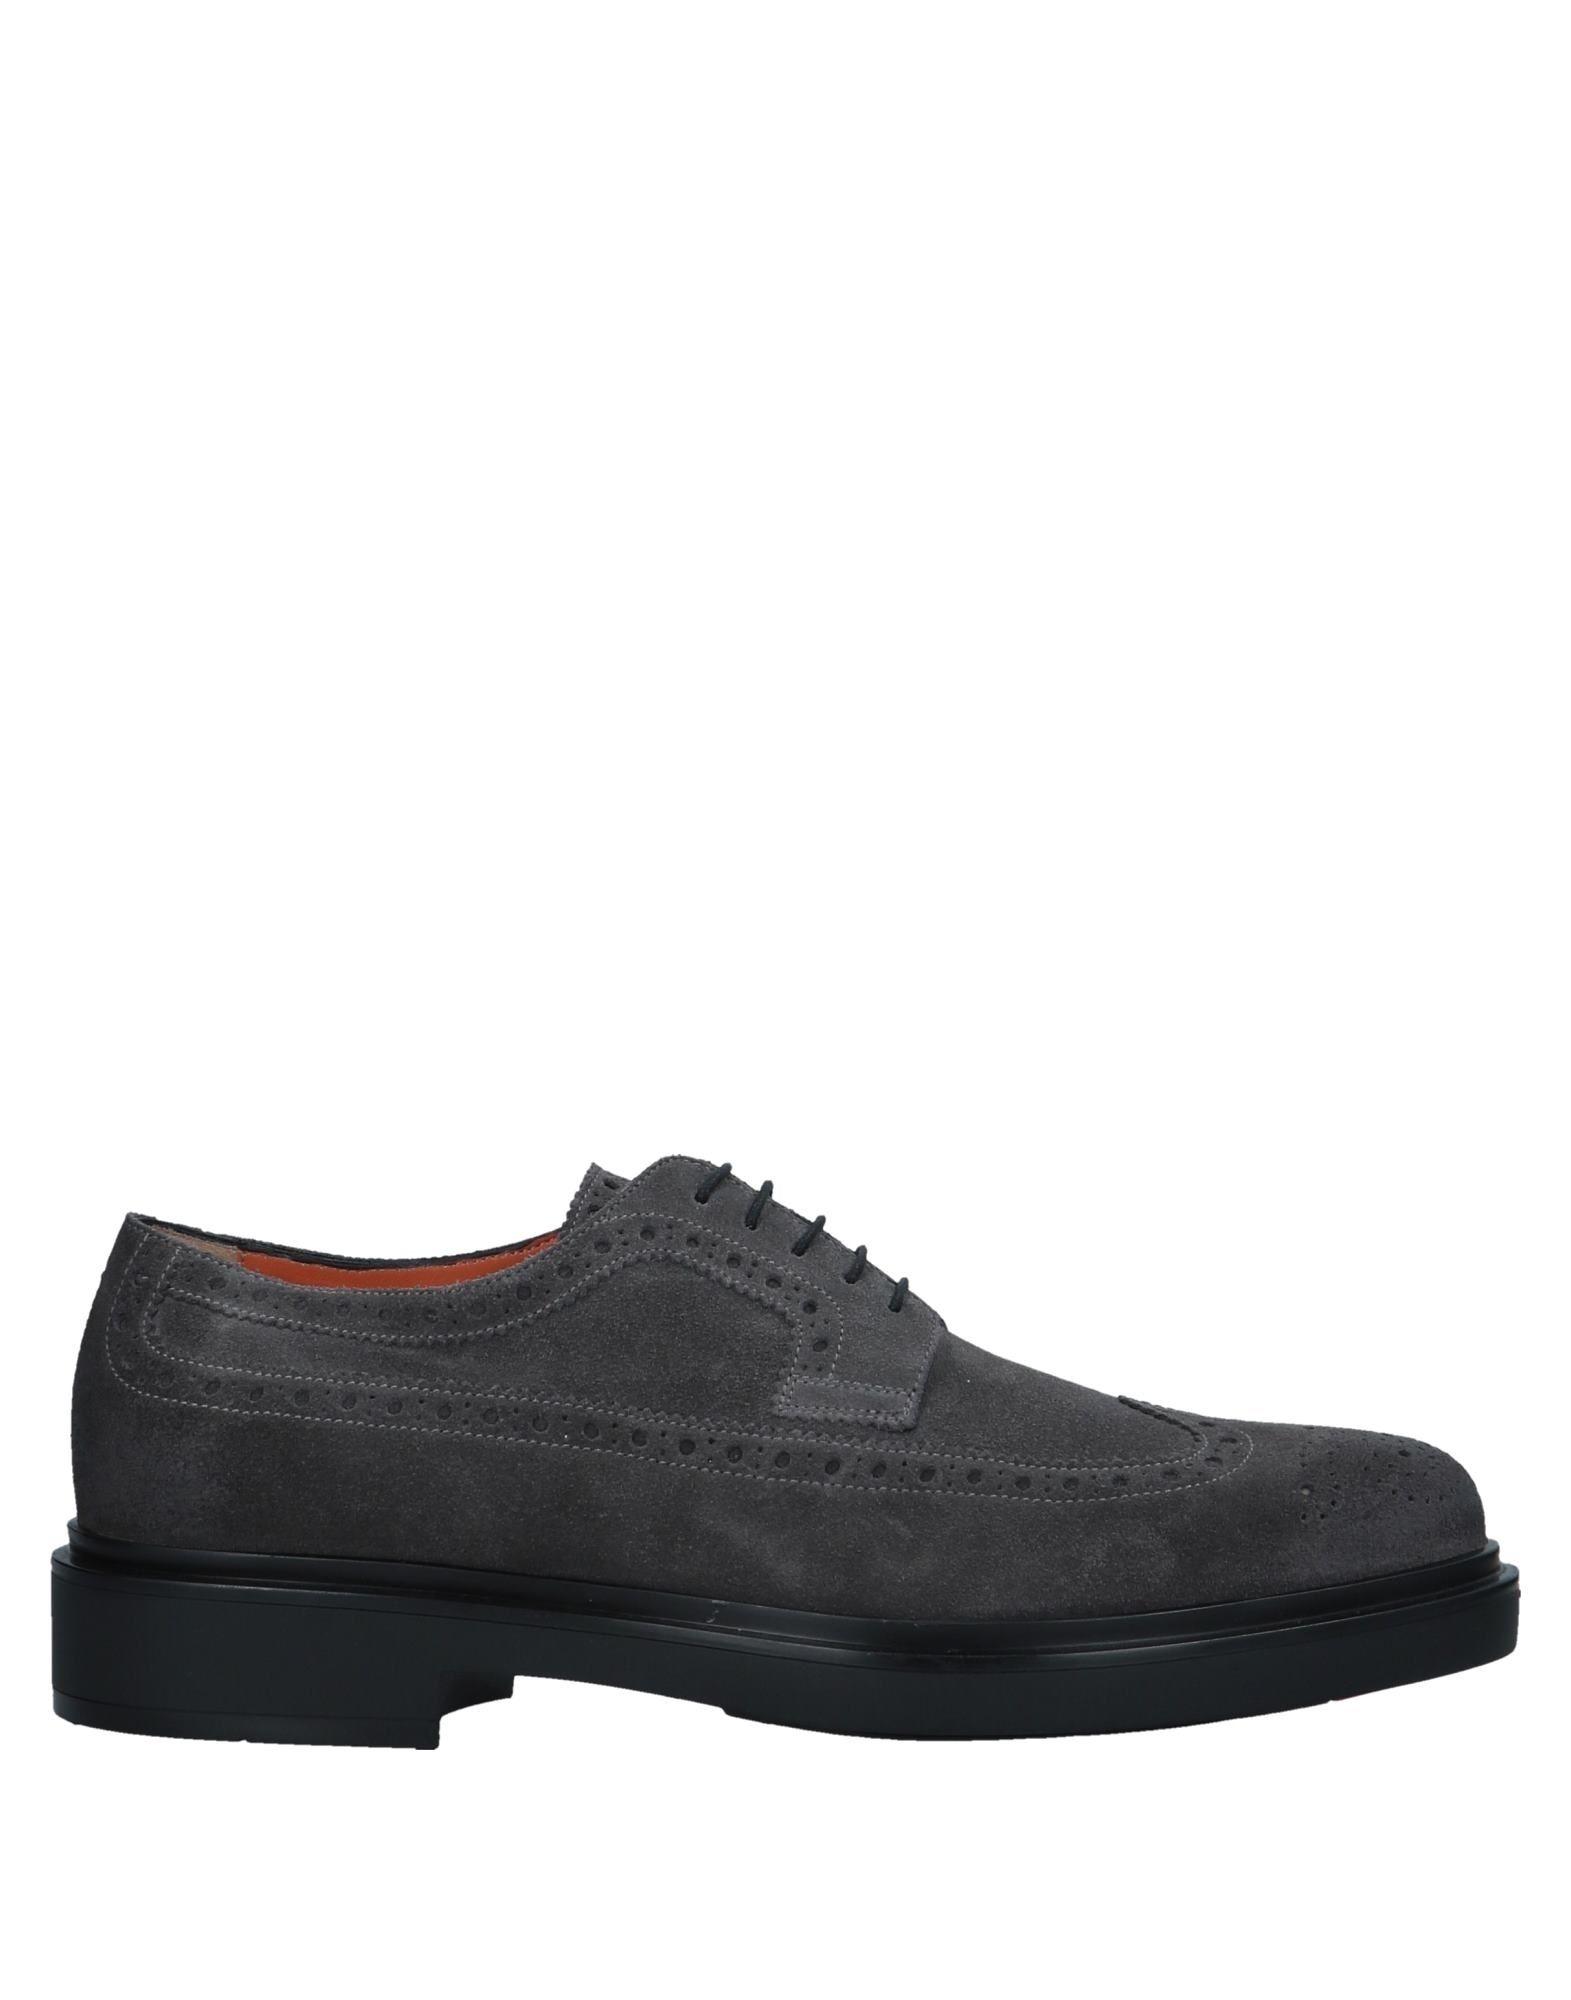 Santoni Schnürschuhe Herren  11541512DL Gute Qualität beliebte Schuhe